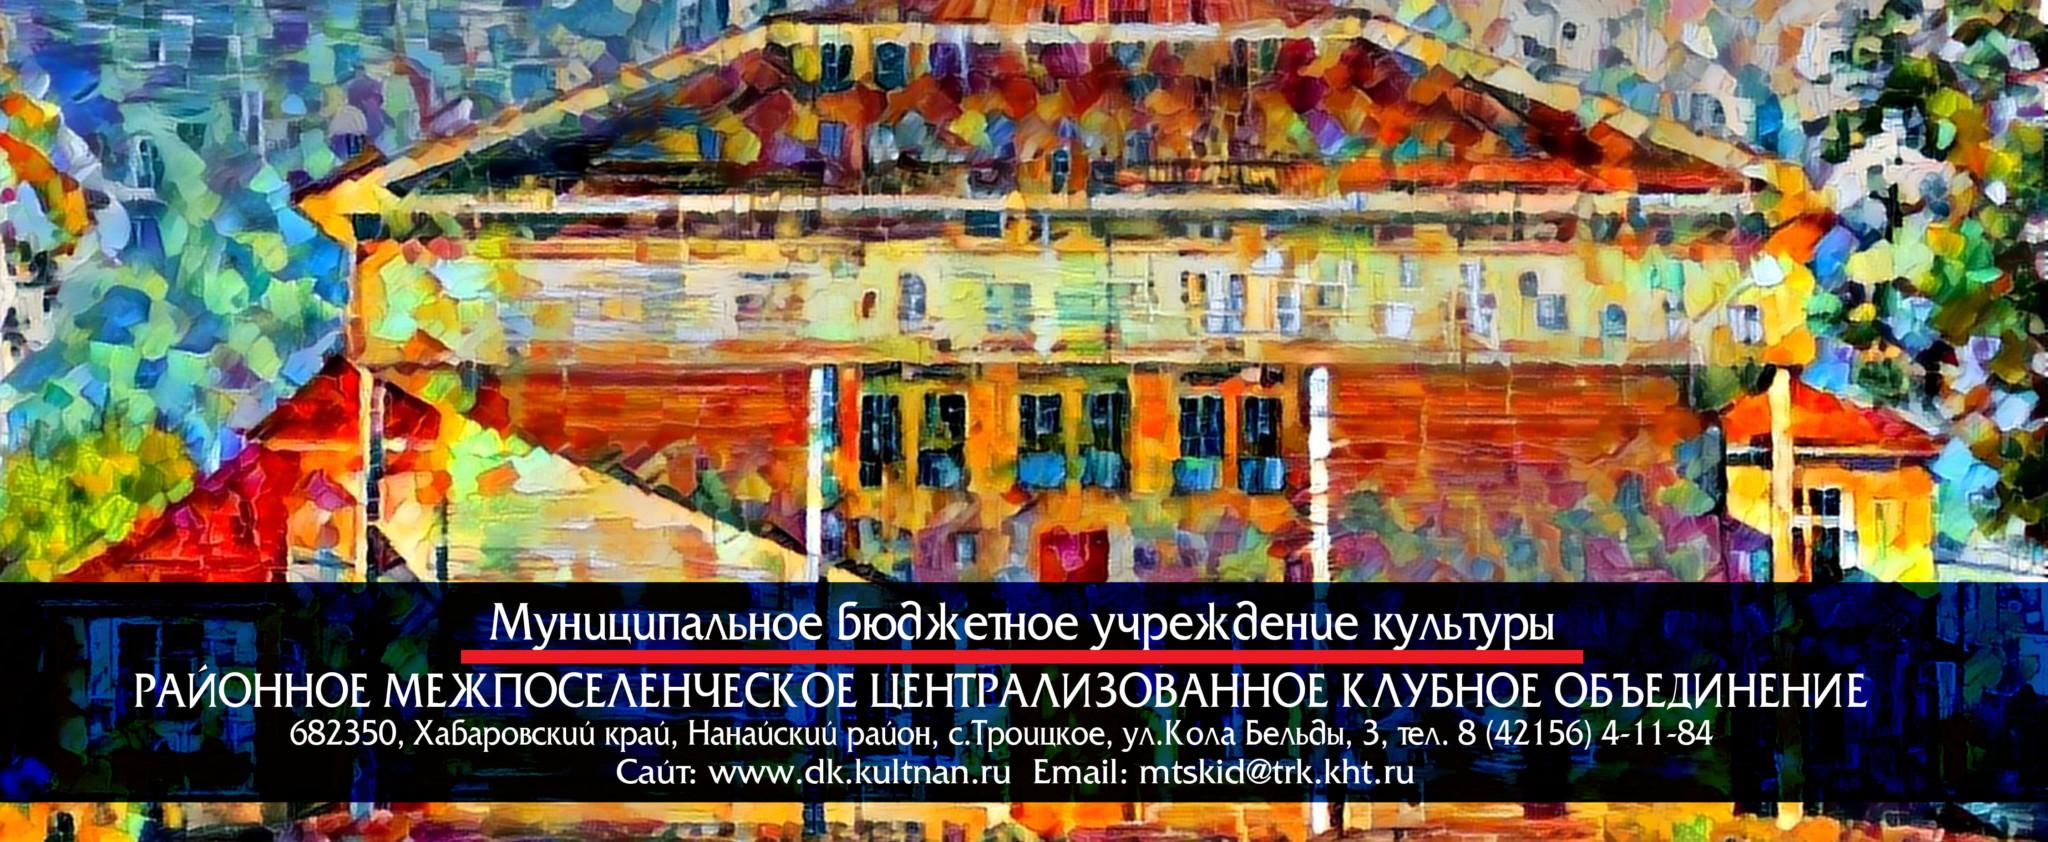 МБУК «Районное межпоселенческое централизованное клубное объединение» Нанайского муниципального района